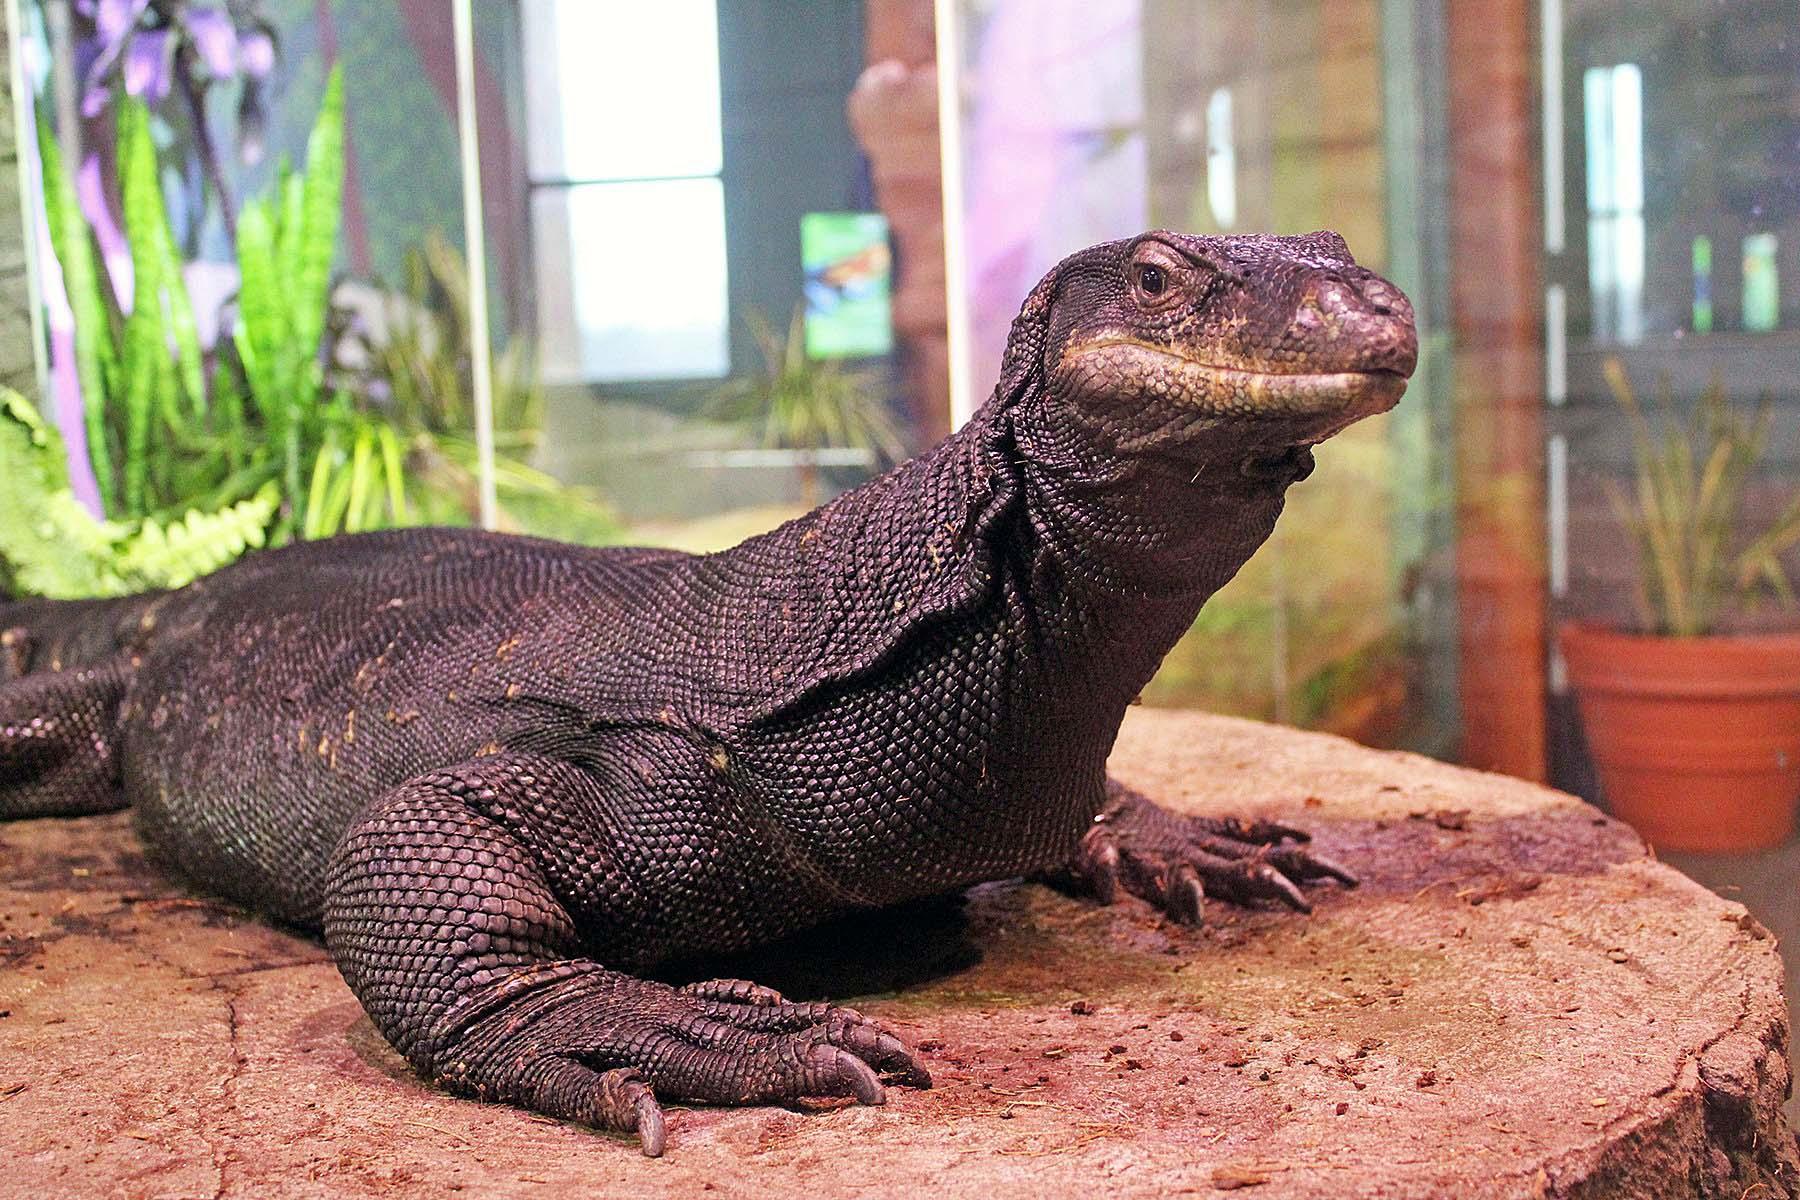 Maritime Aquarium's rare lizard dies unexpectedly